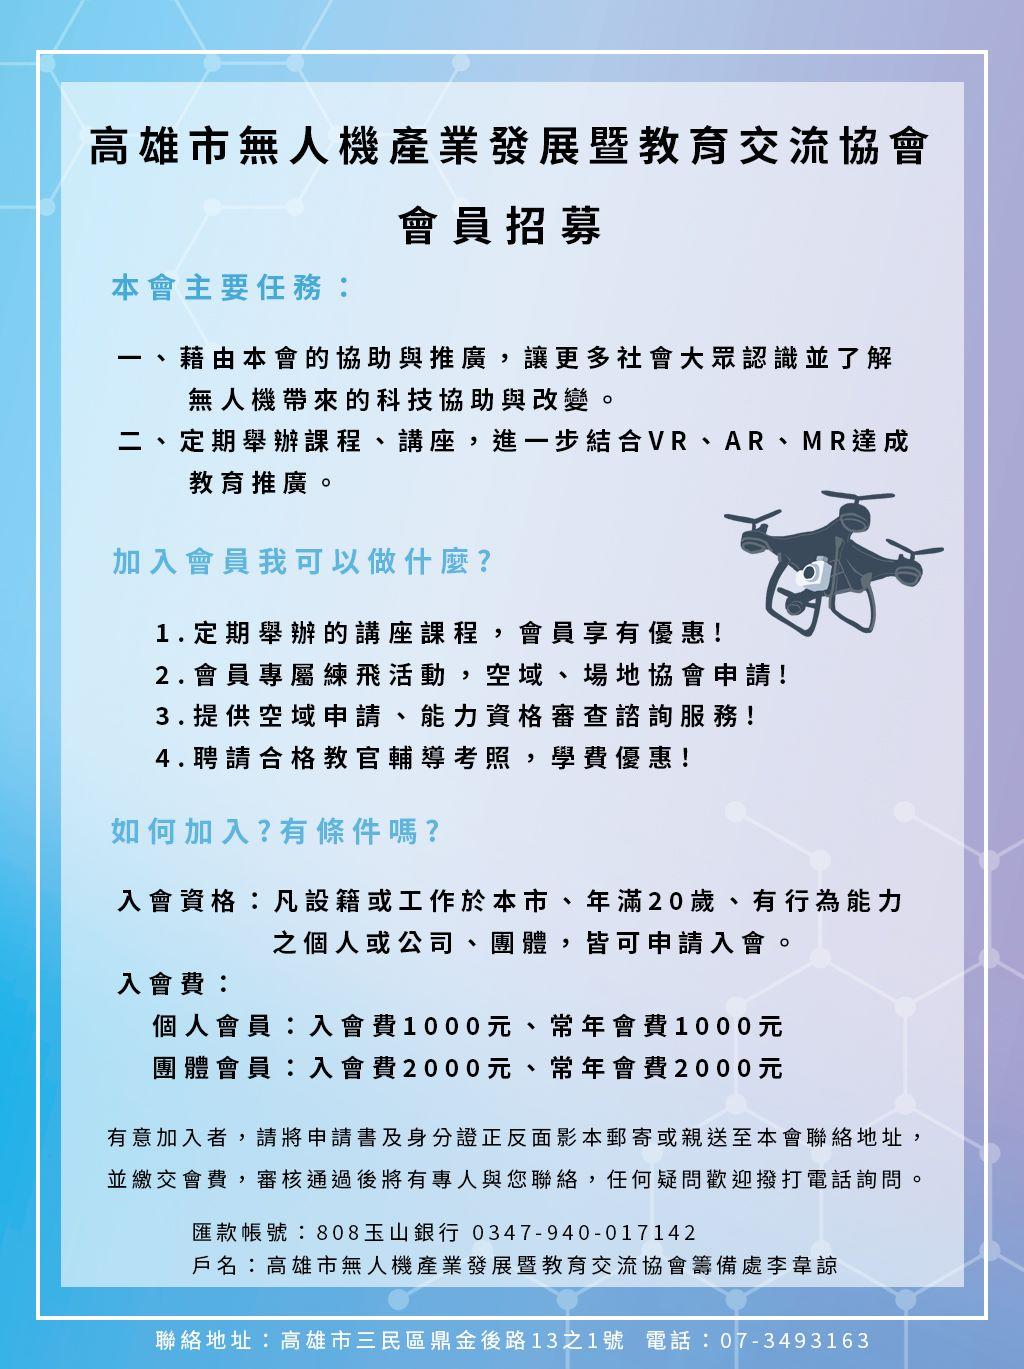 高雄市無人機產業發展暨教育交流協會